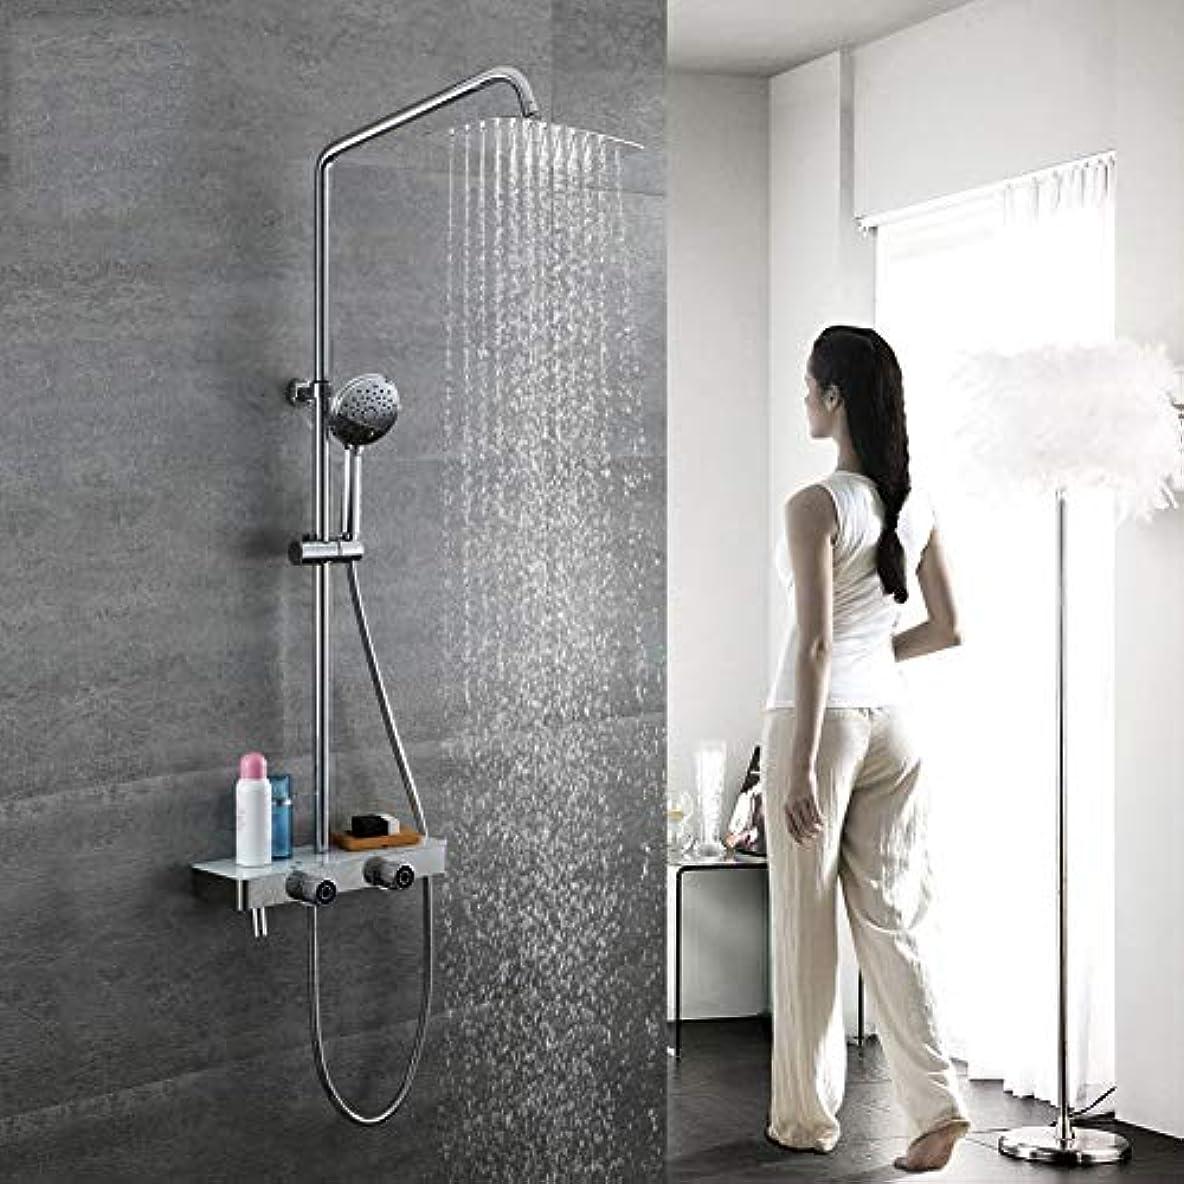 降ろす溶岩展示会シャワーシステム、浴室シャワーミキサーセット3機能降雨シャワーセットラウンドスタイルシャワーヘッドセット304ステンレス鋼レインシャワーシステム